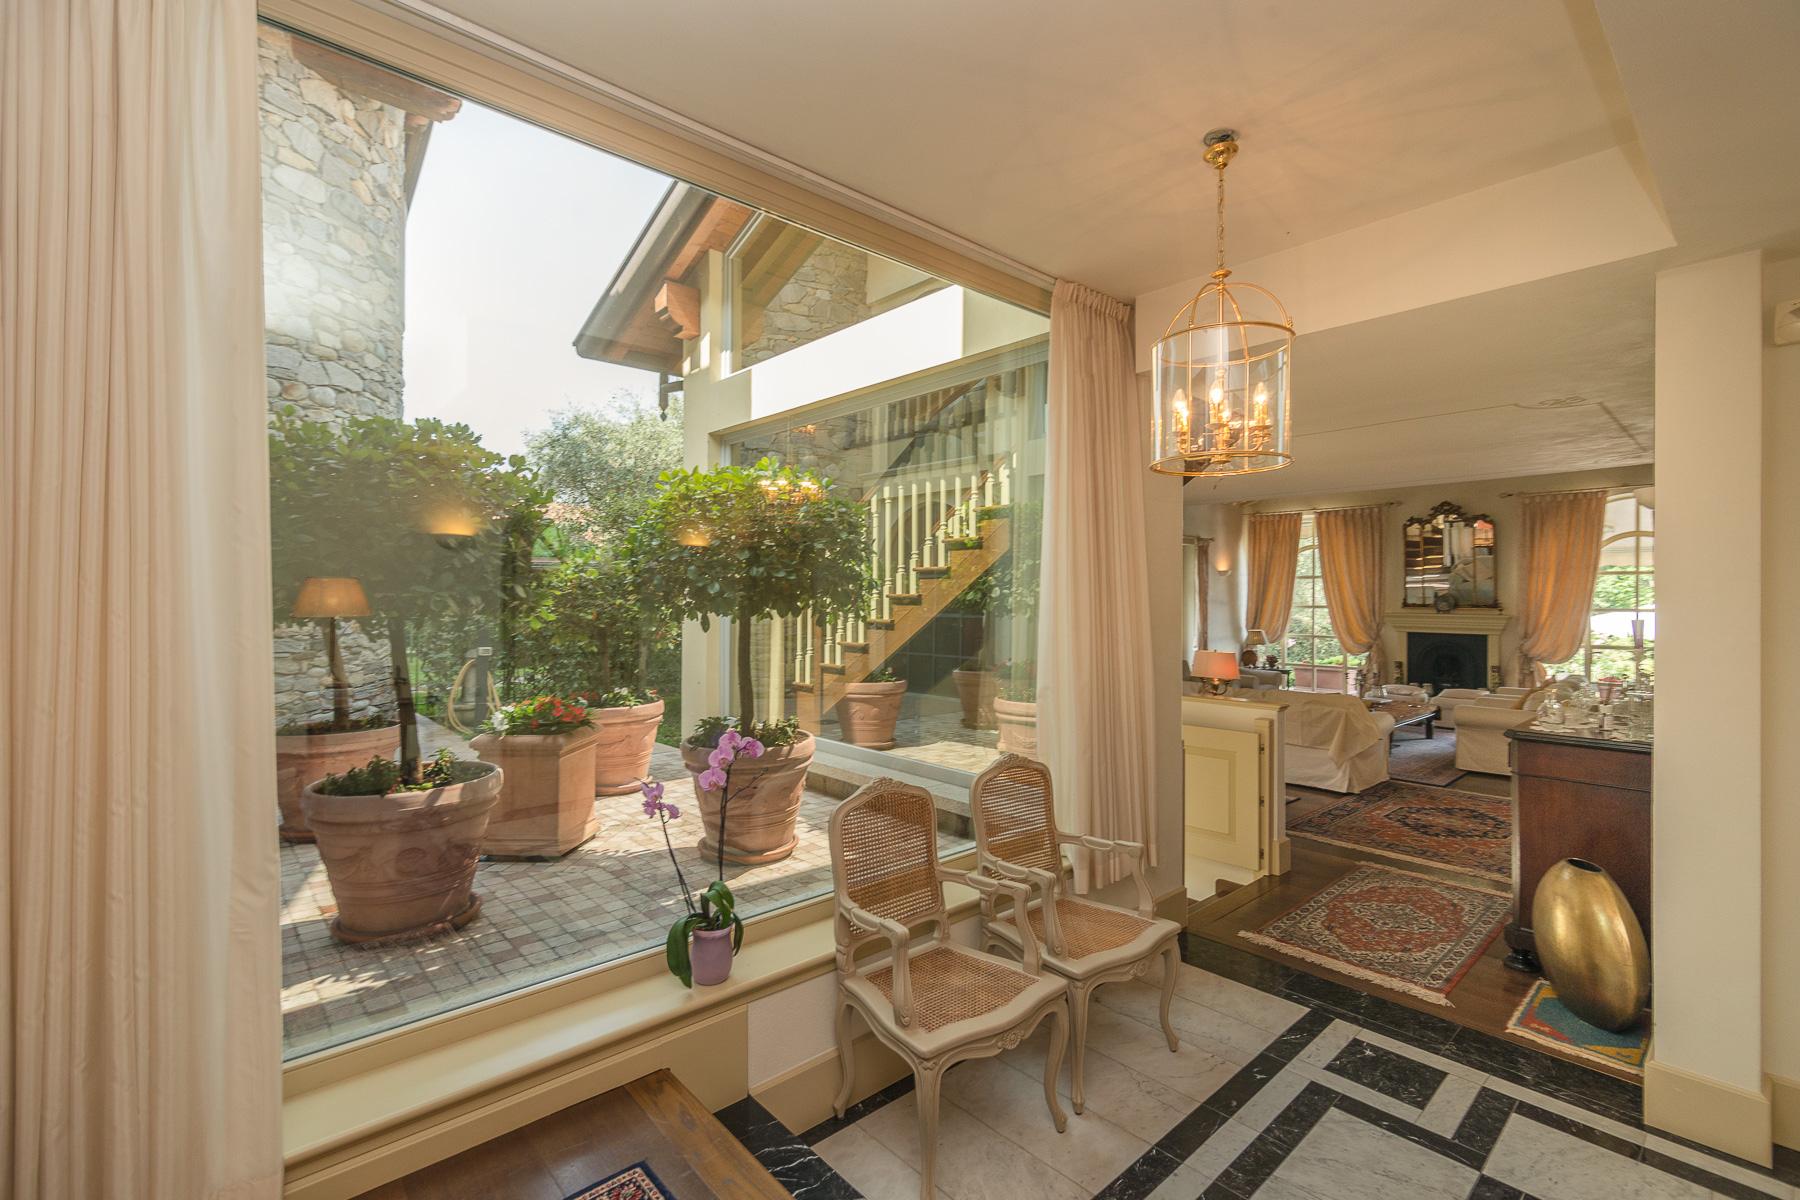 Villa in Vendita a Besozzo: 5 locali, 426 mq - Foto 9